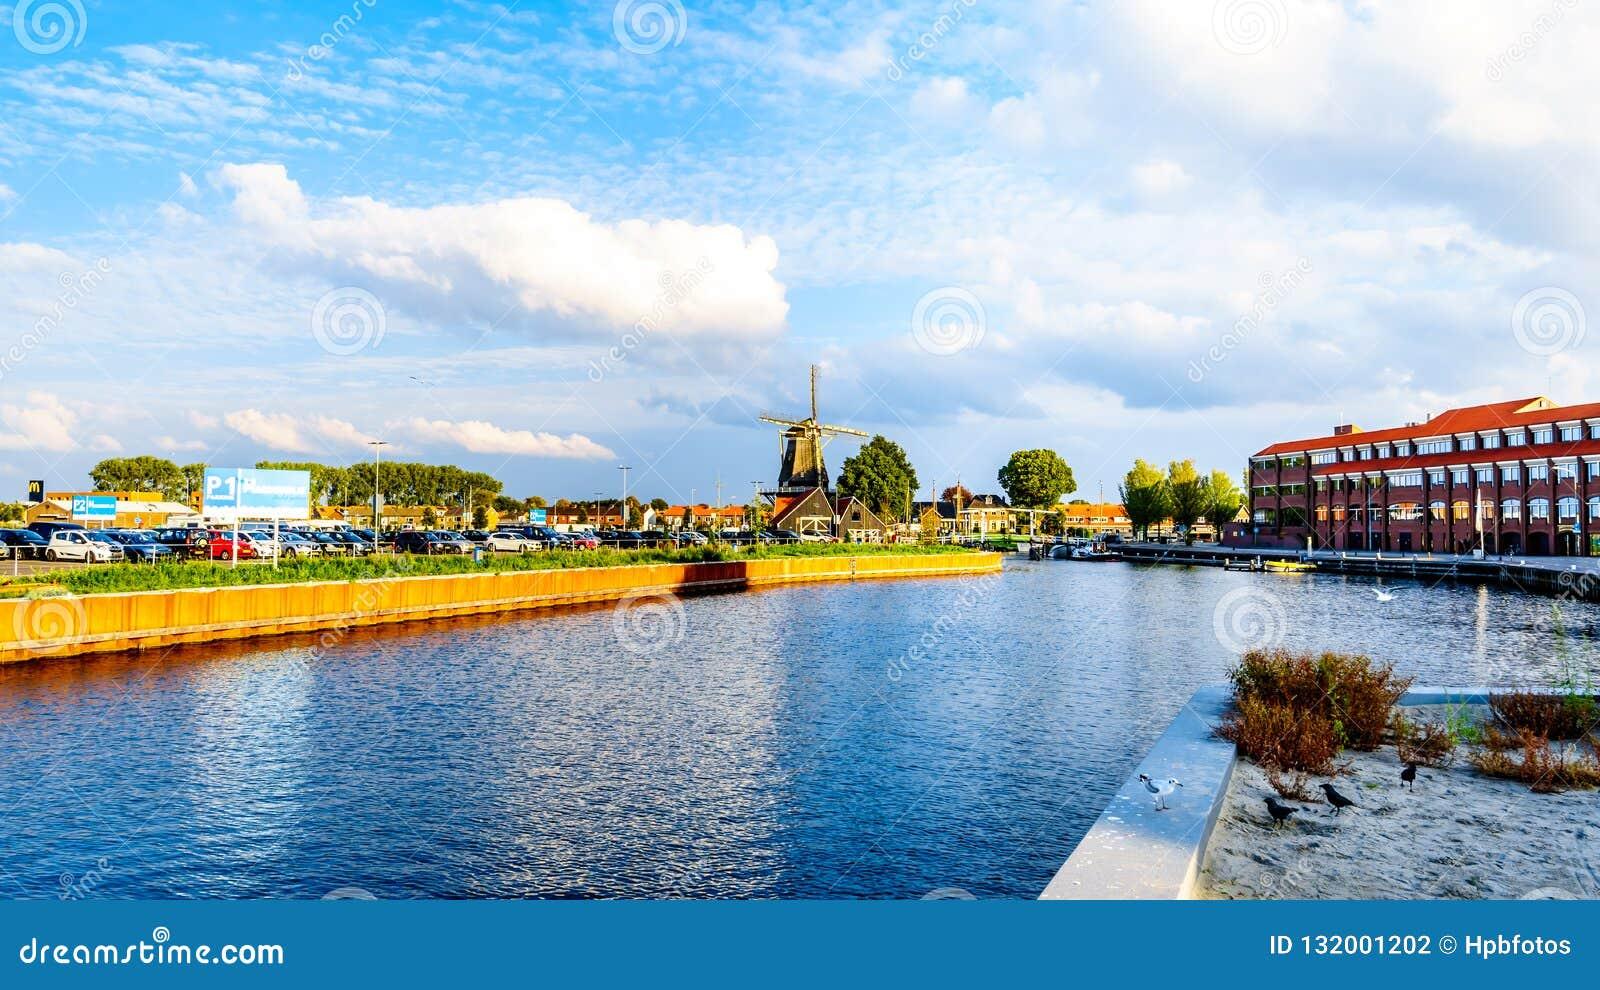 Το λιμάνι Harderwijk στις Κάτω Χώρες